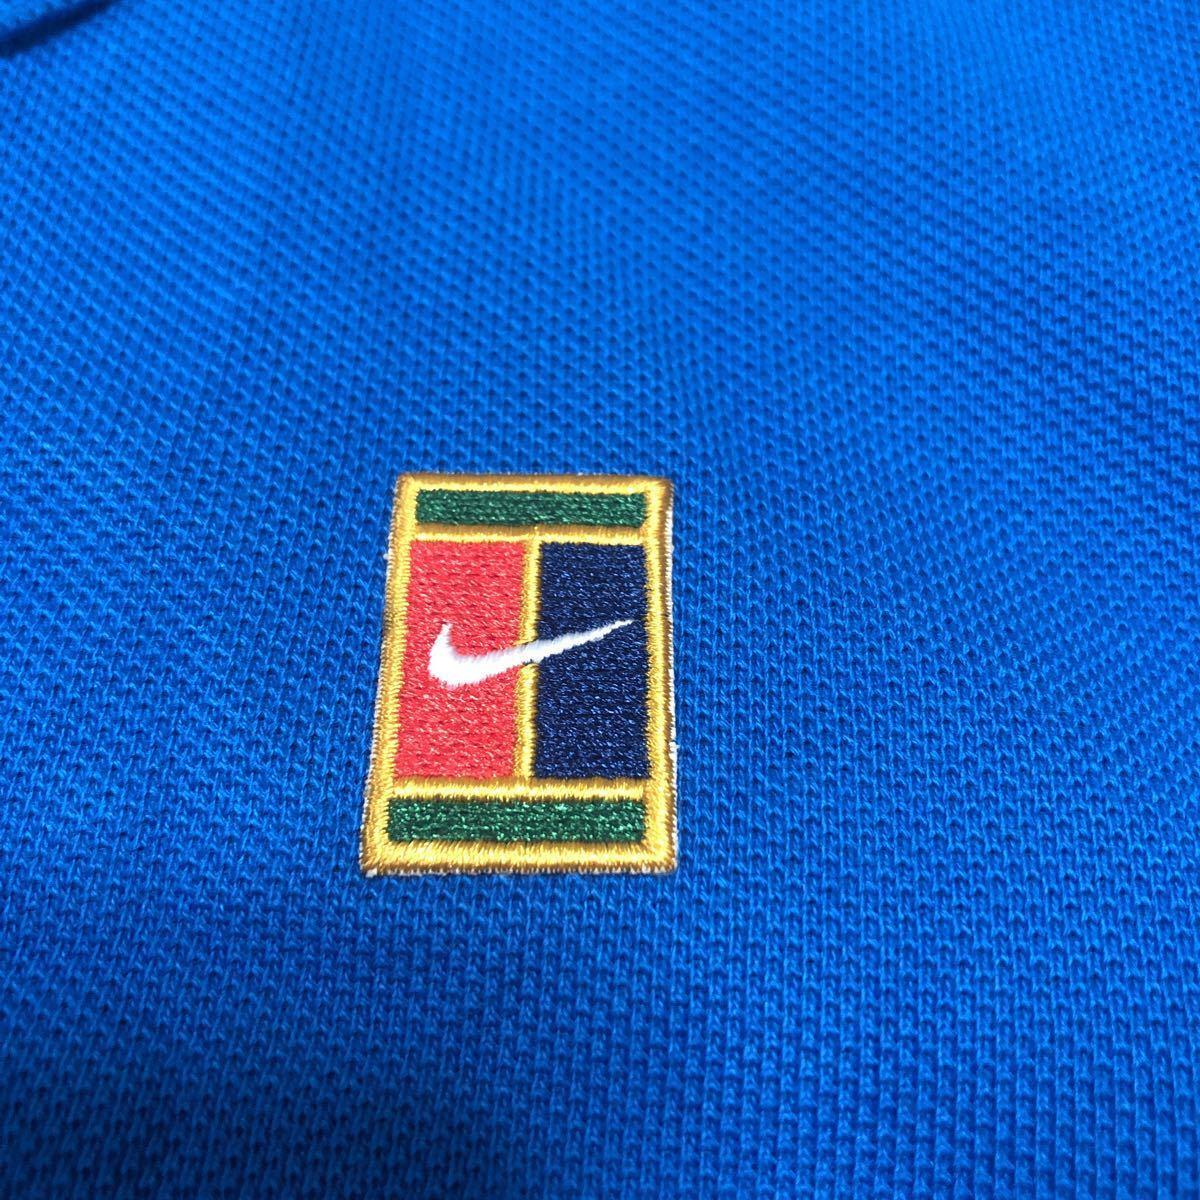 新品 NIKE tennis ナイキ テニス コートロゴ ポロシャツ メンズUSサイズXS 日本サイズS スリムフィット_画像6